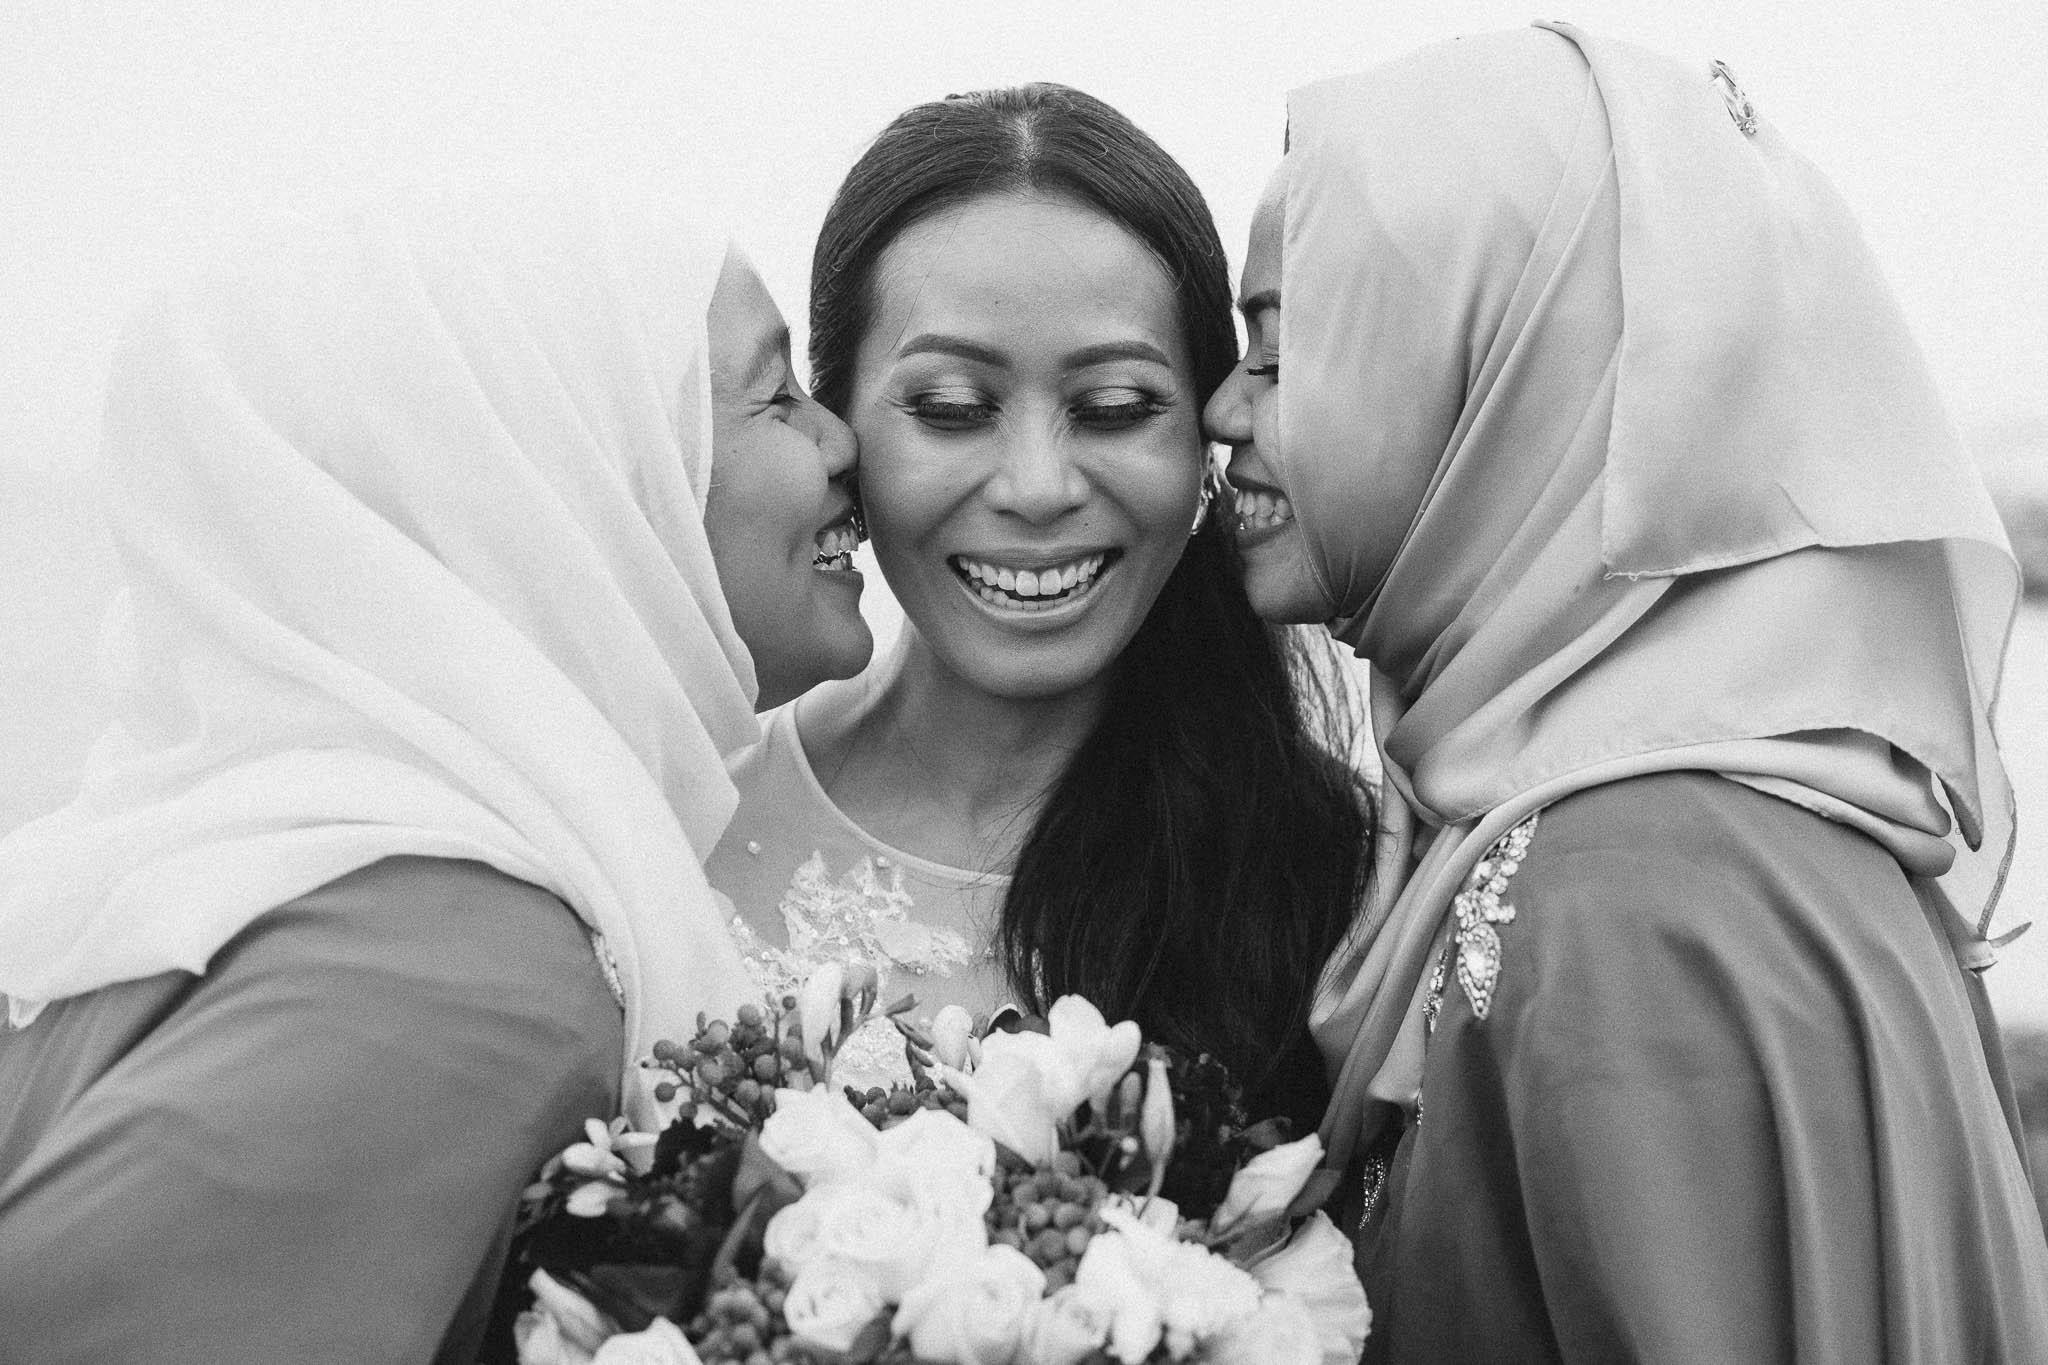 singapore-wedding-photographer-wemadethese-bw-022.jpg